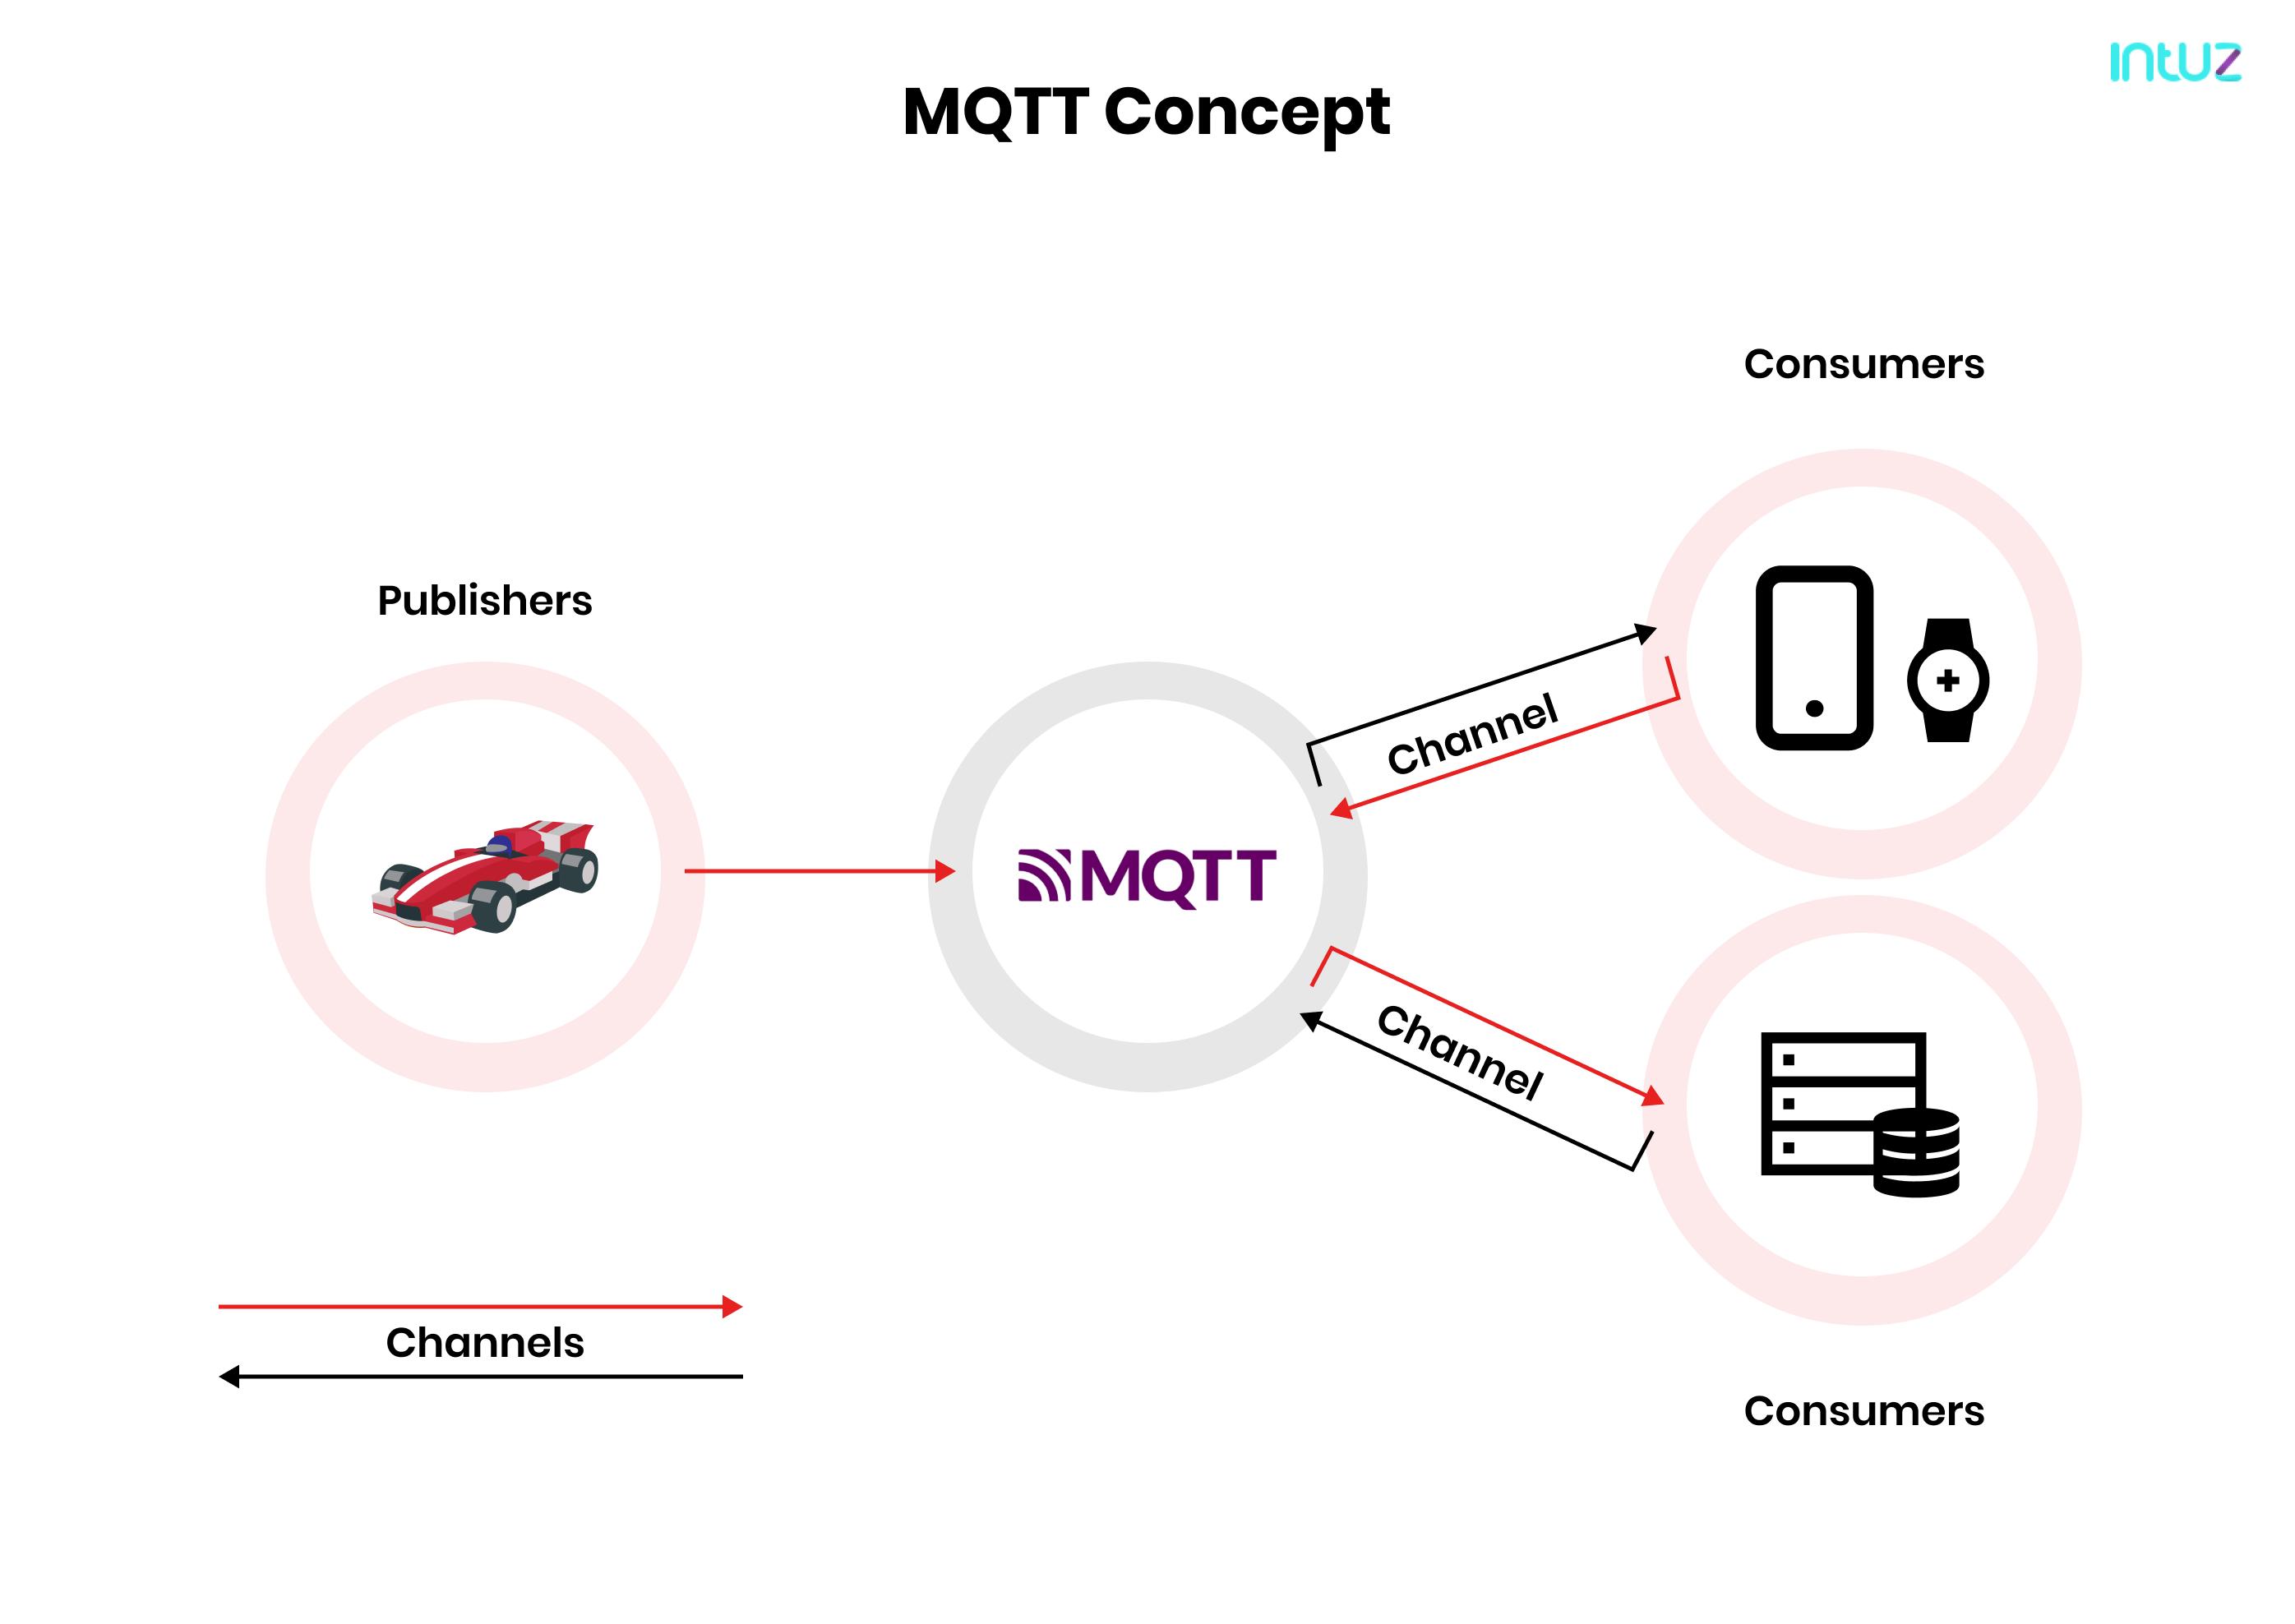 MQTT_Concept